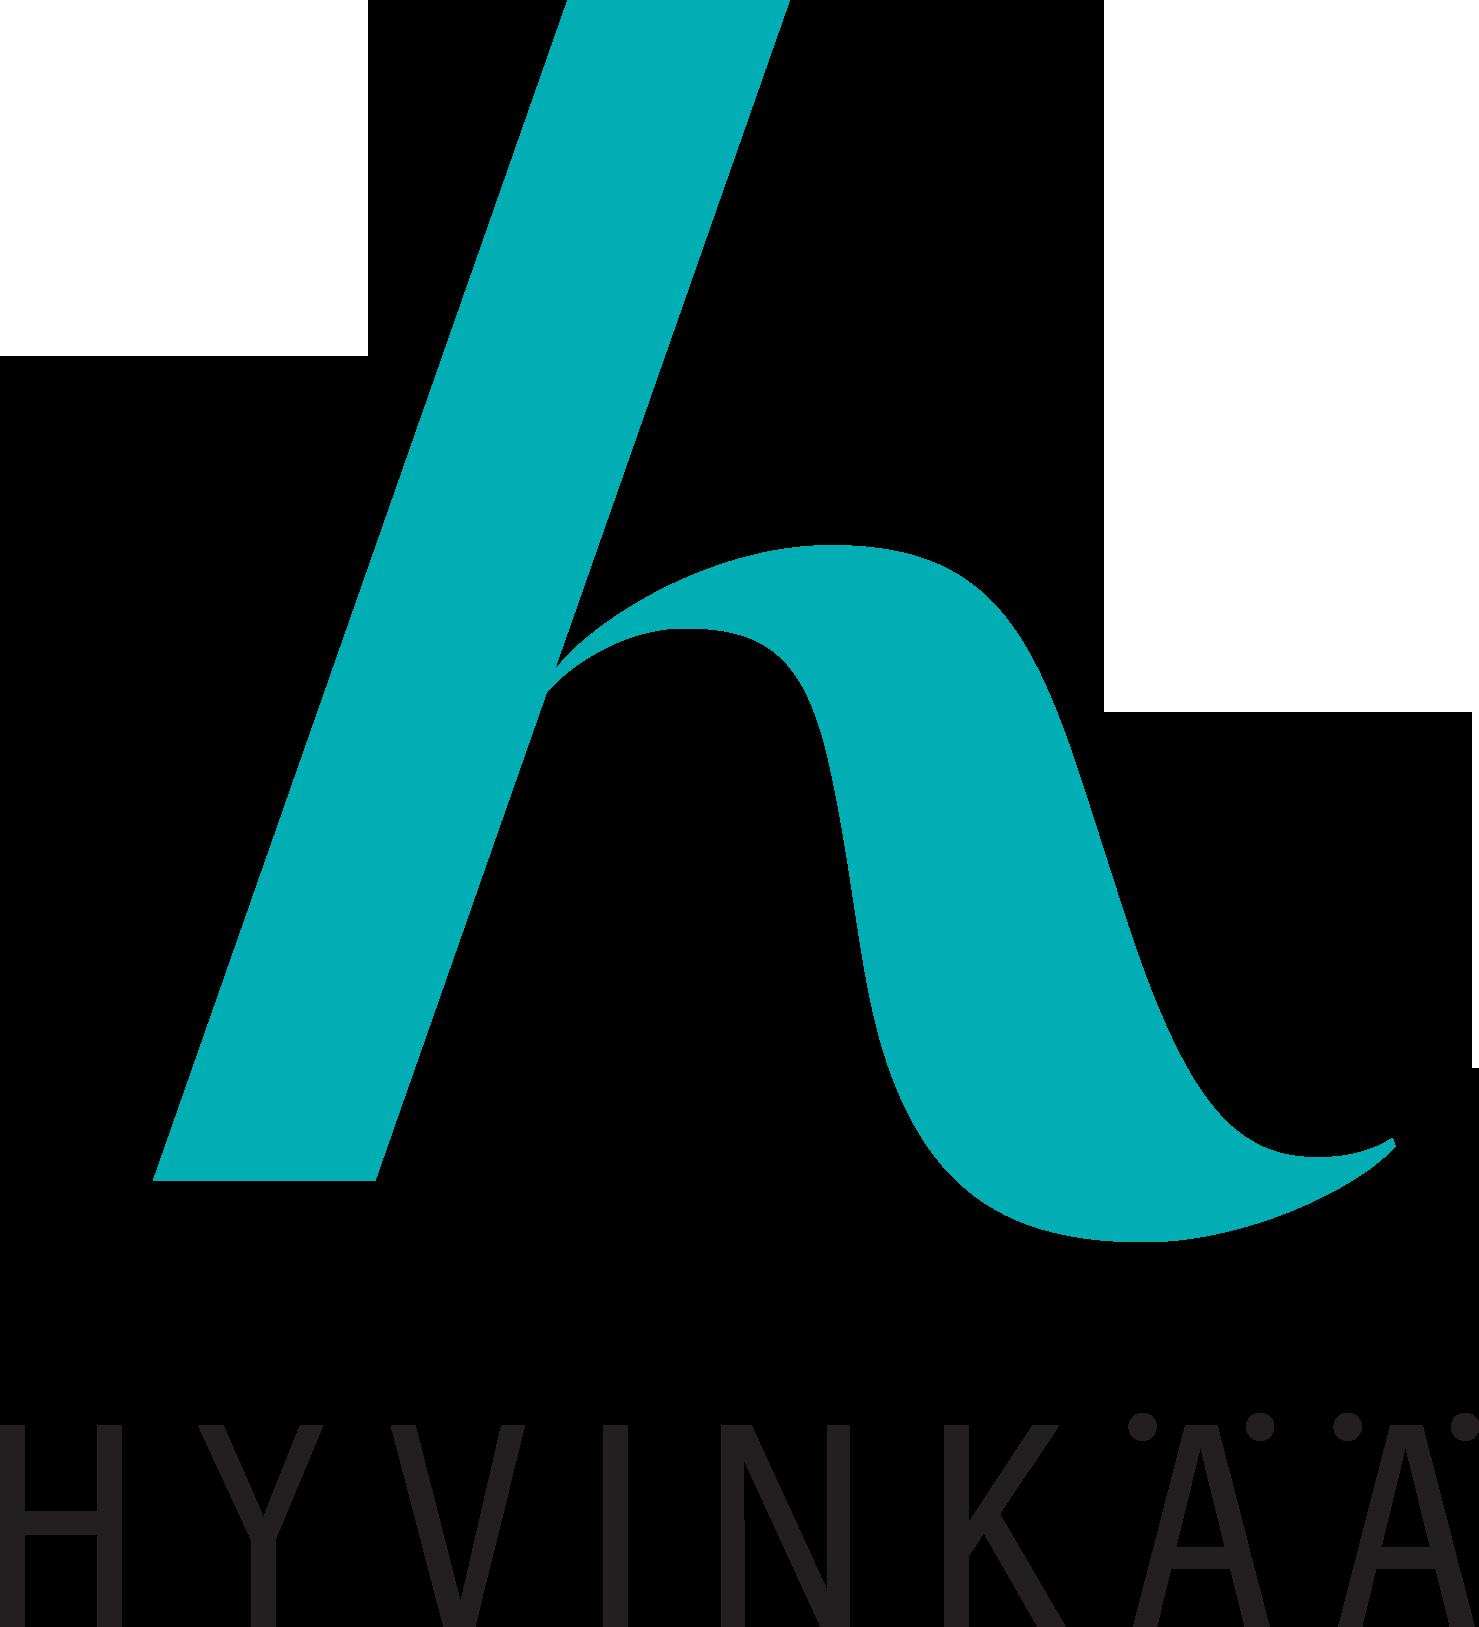 Hyvinkään kaupungin logo